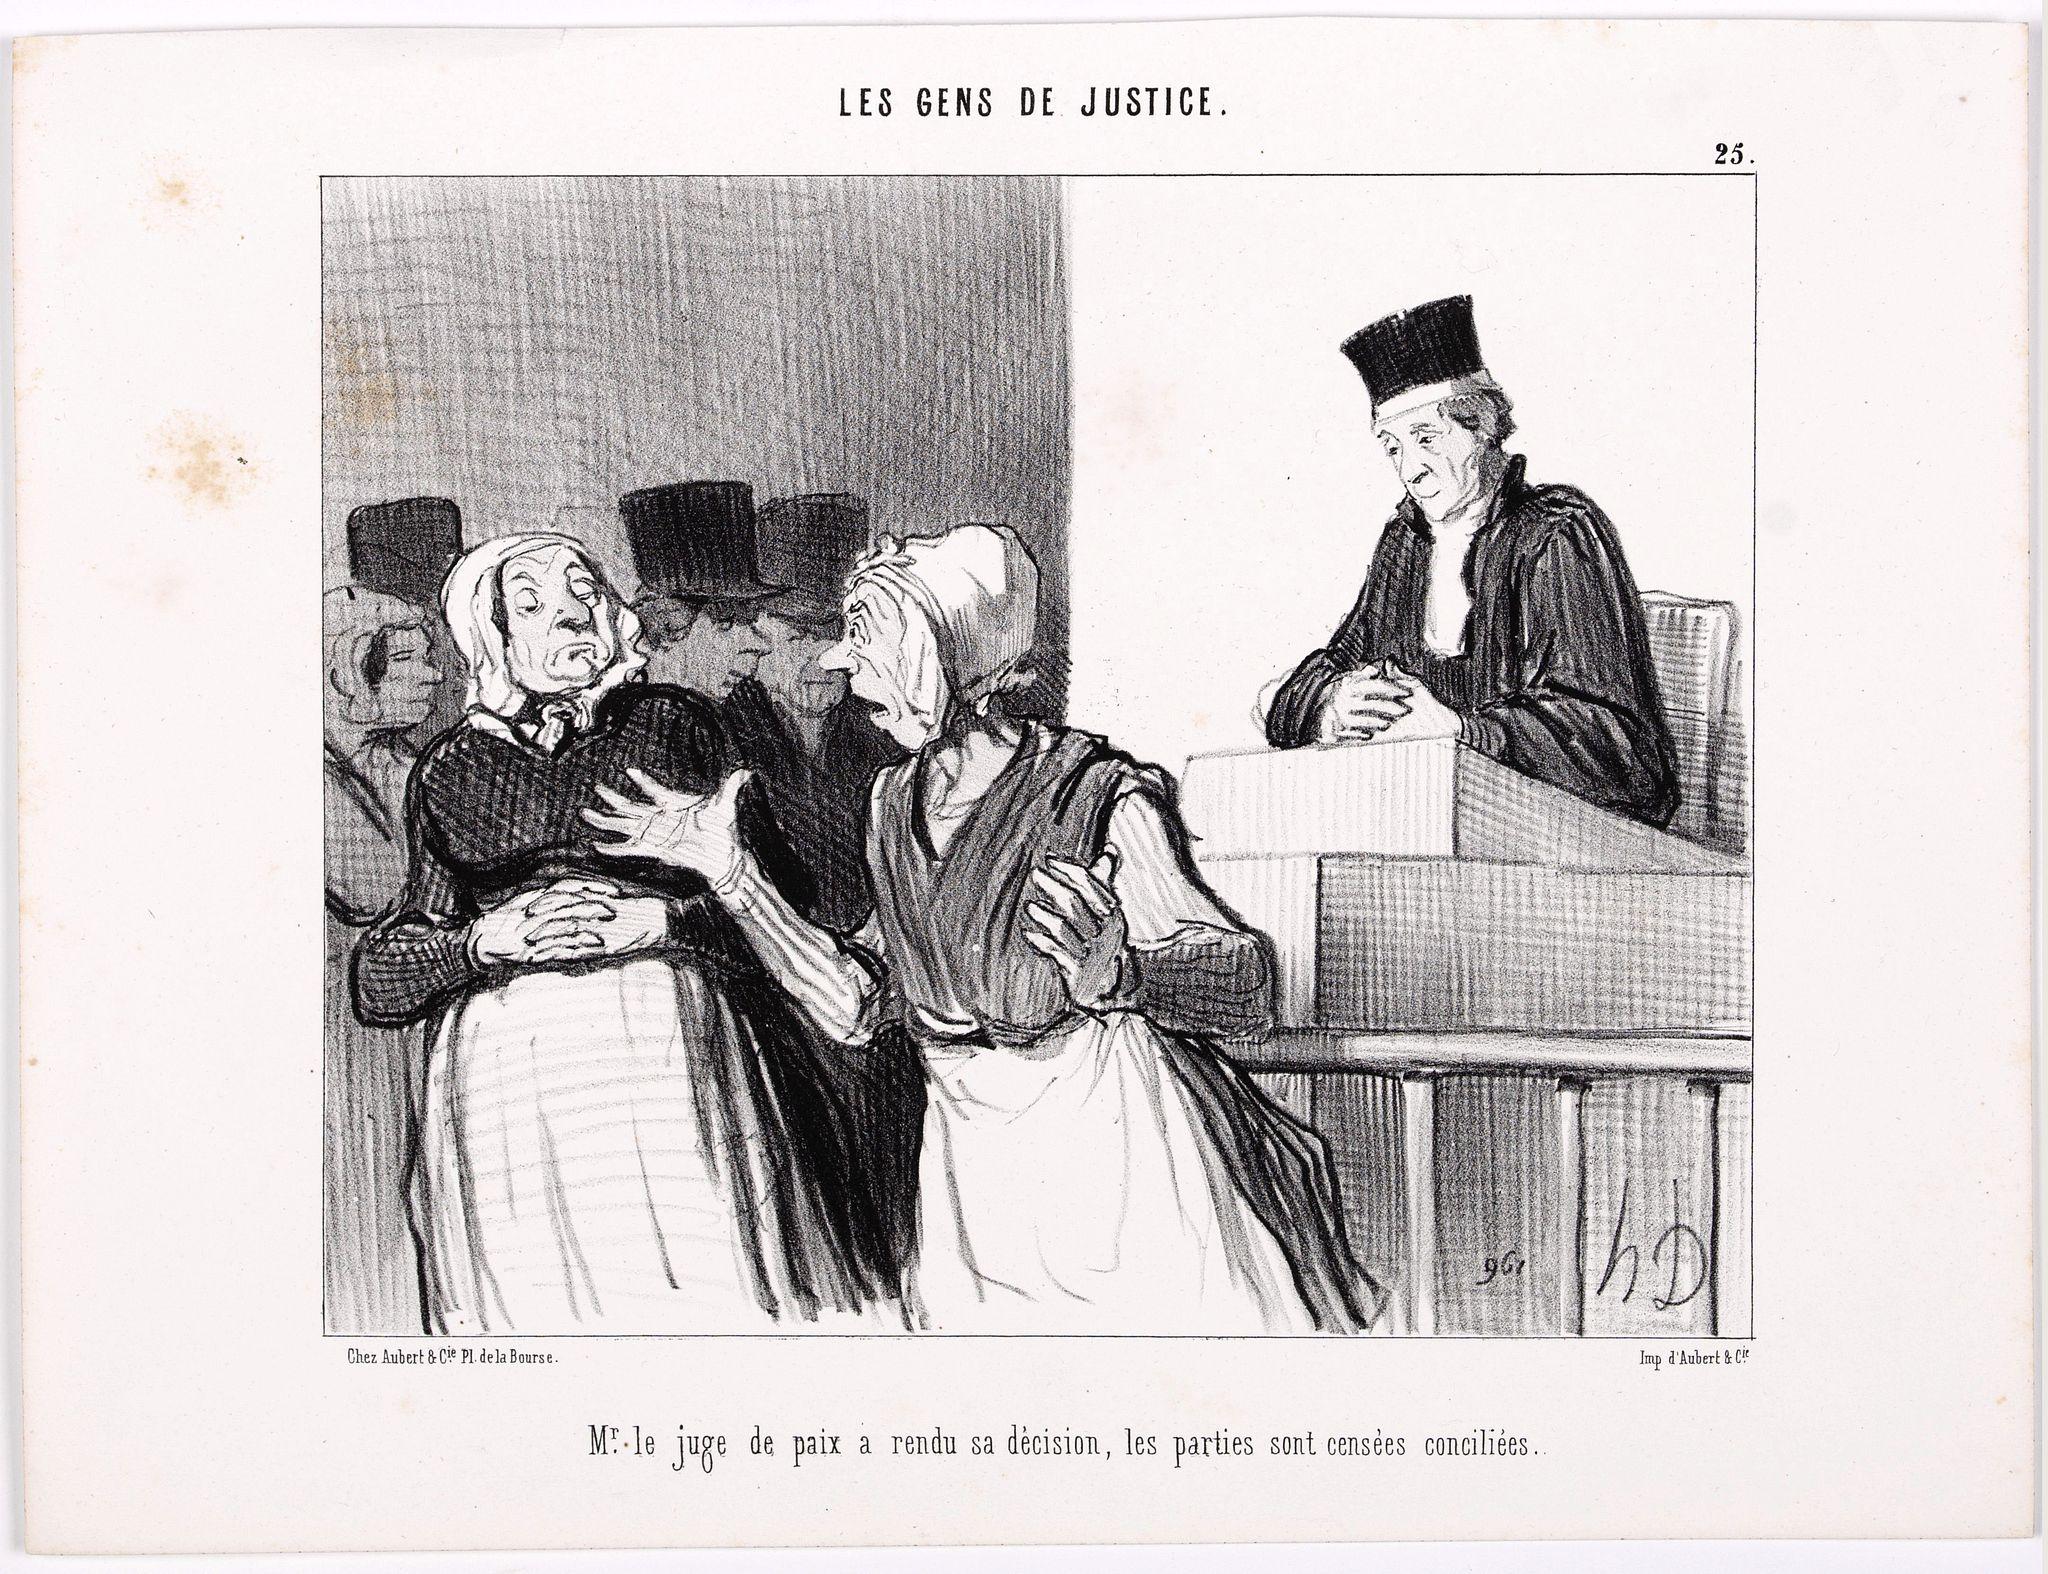 DAUMIER, H. -  Les Gens de Justice. - Mr. le juge de paix a rendu sa décision, les parties sont censées conciliées. (pl 25).